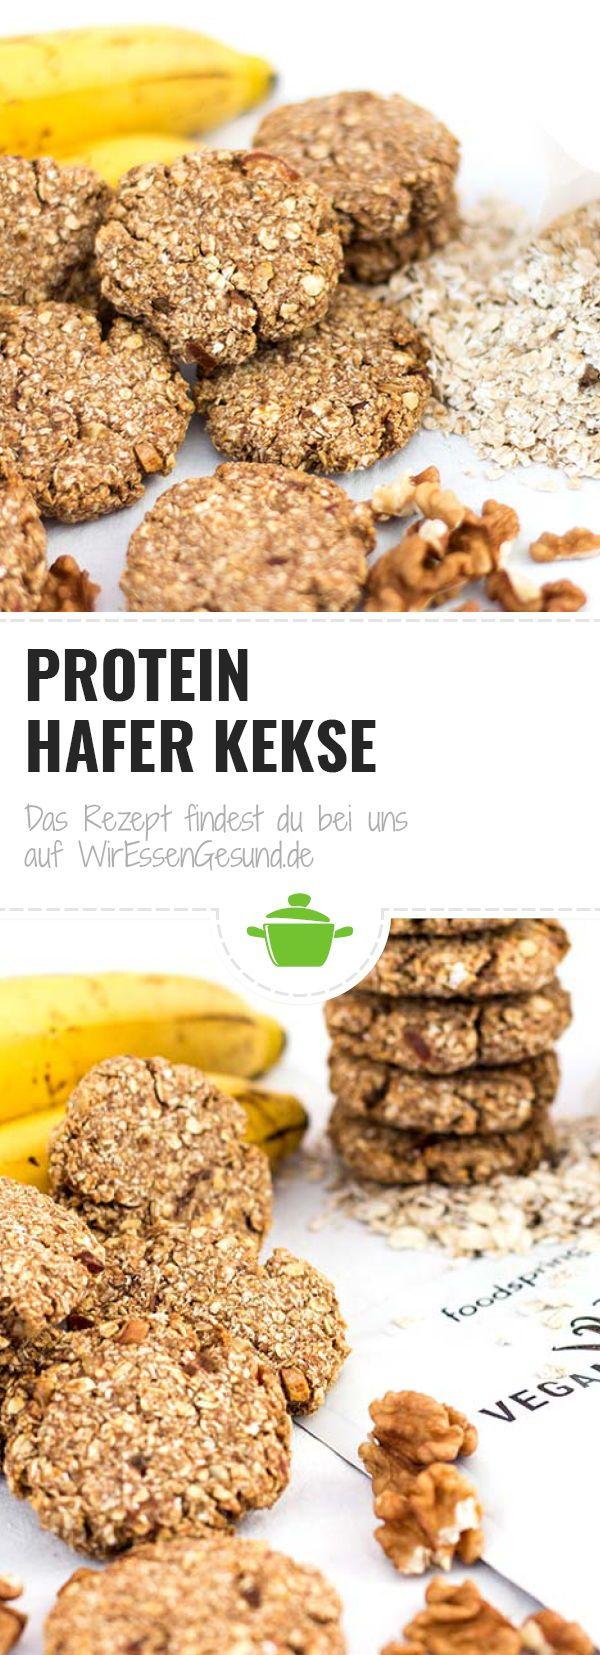 Protein Hafer Kekse - WirEssenGesund